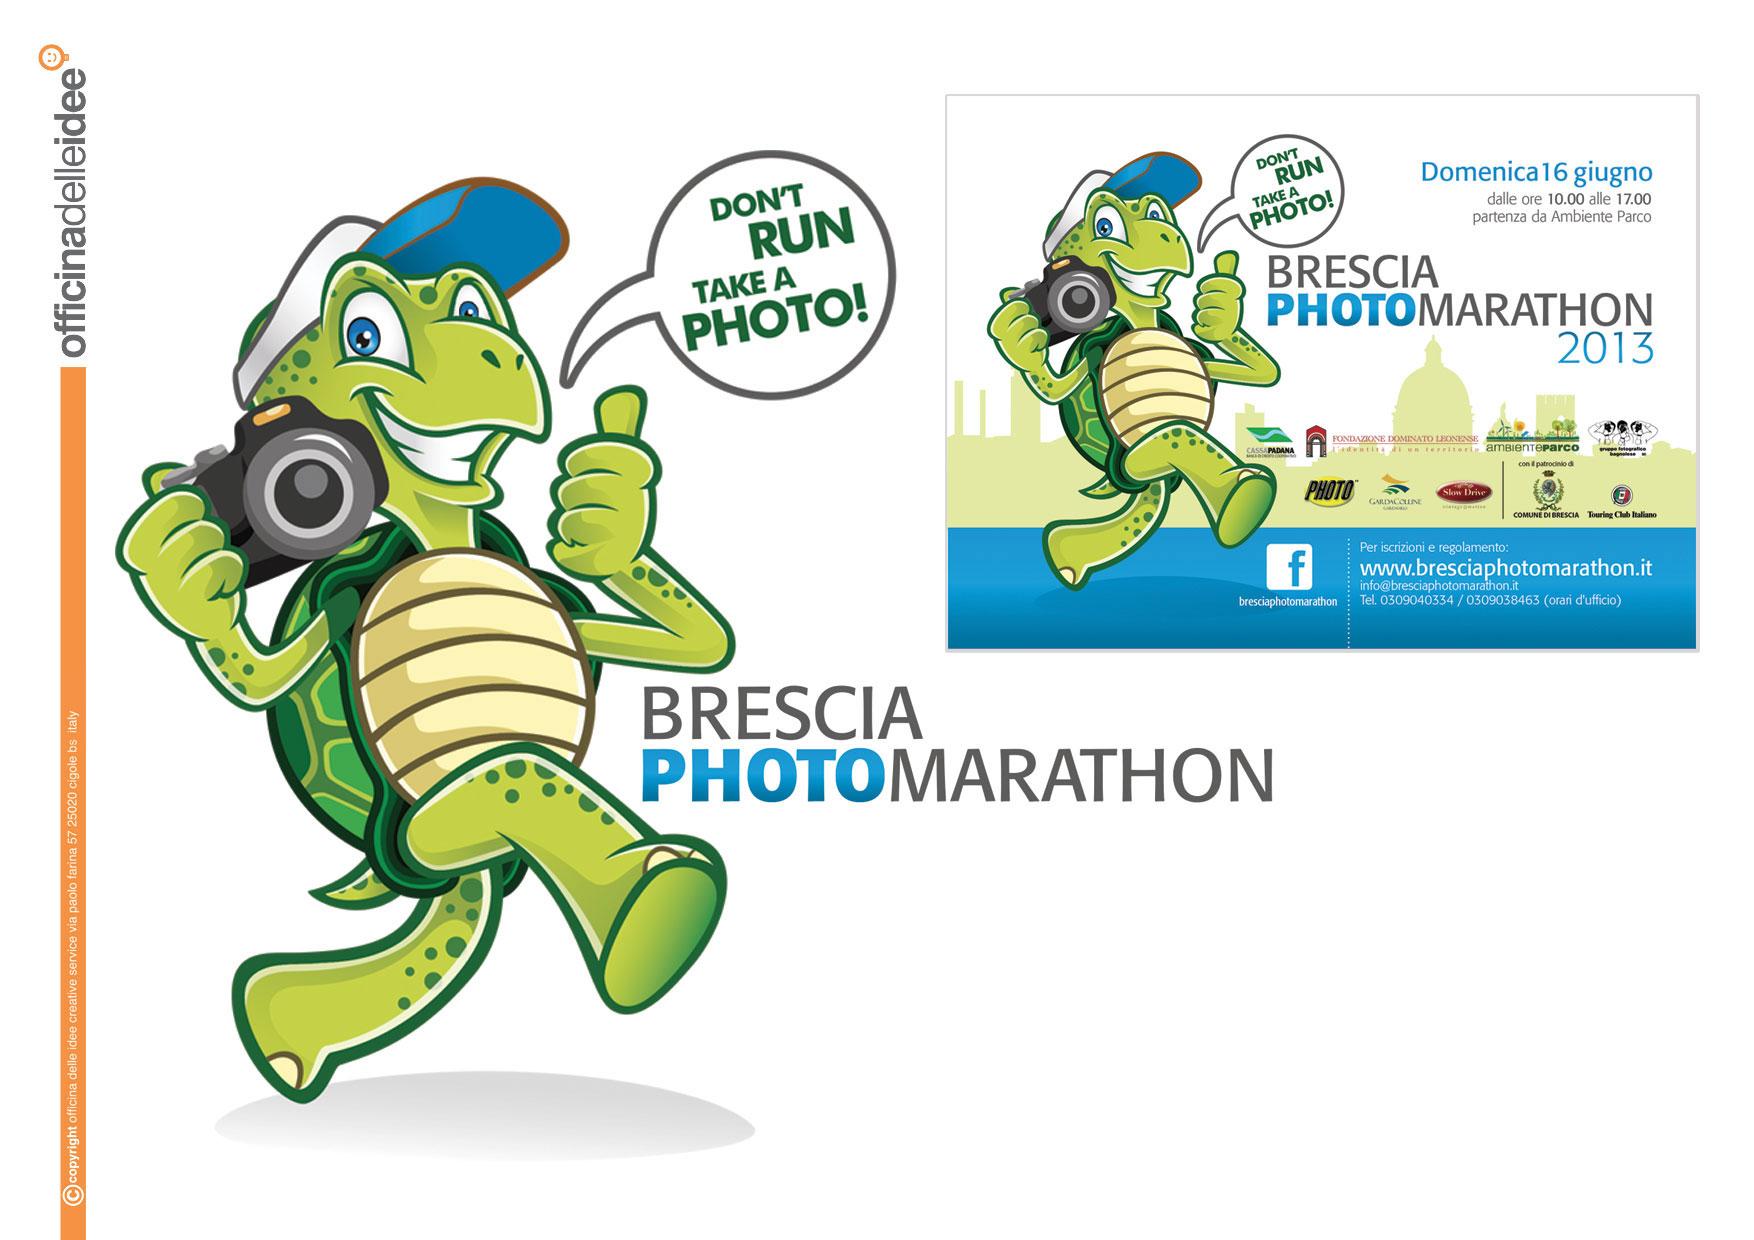 Brescia Photo Marathon